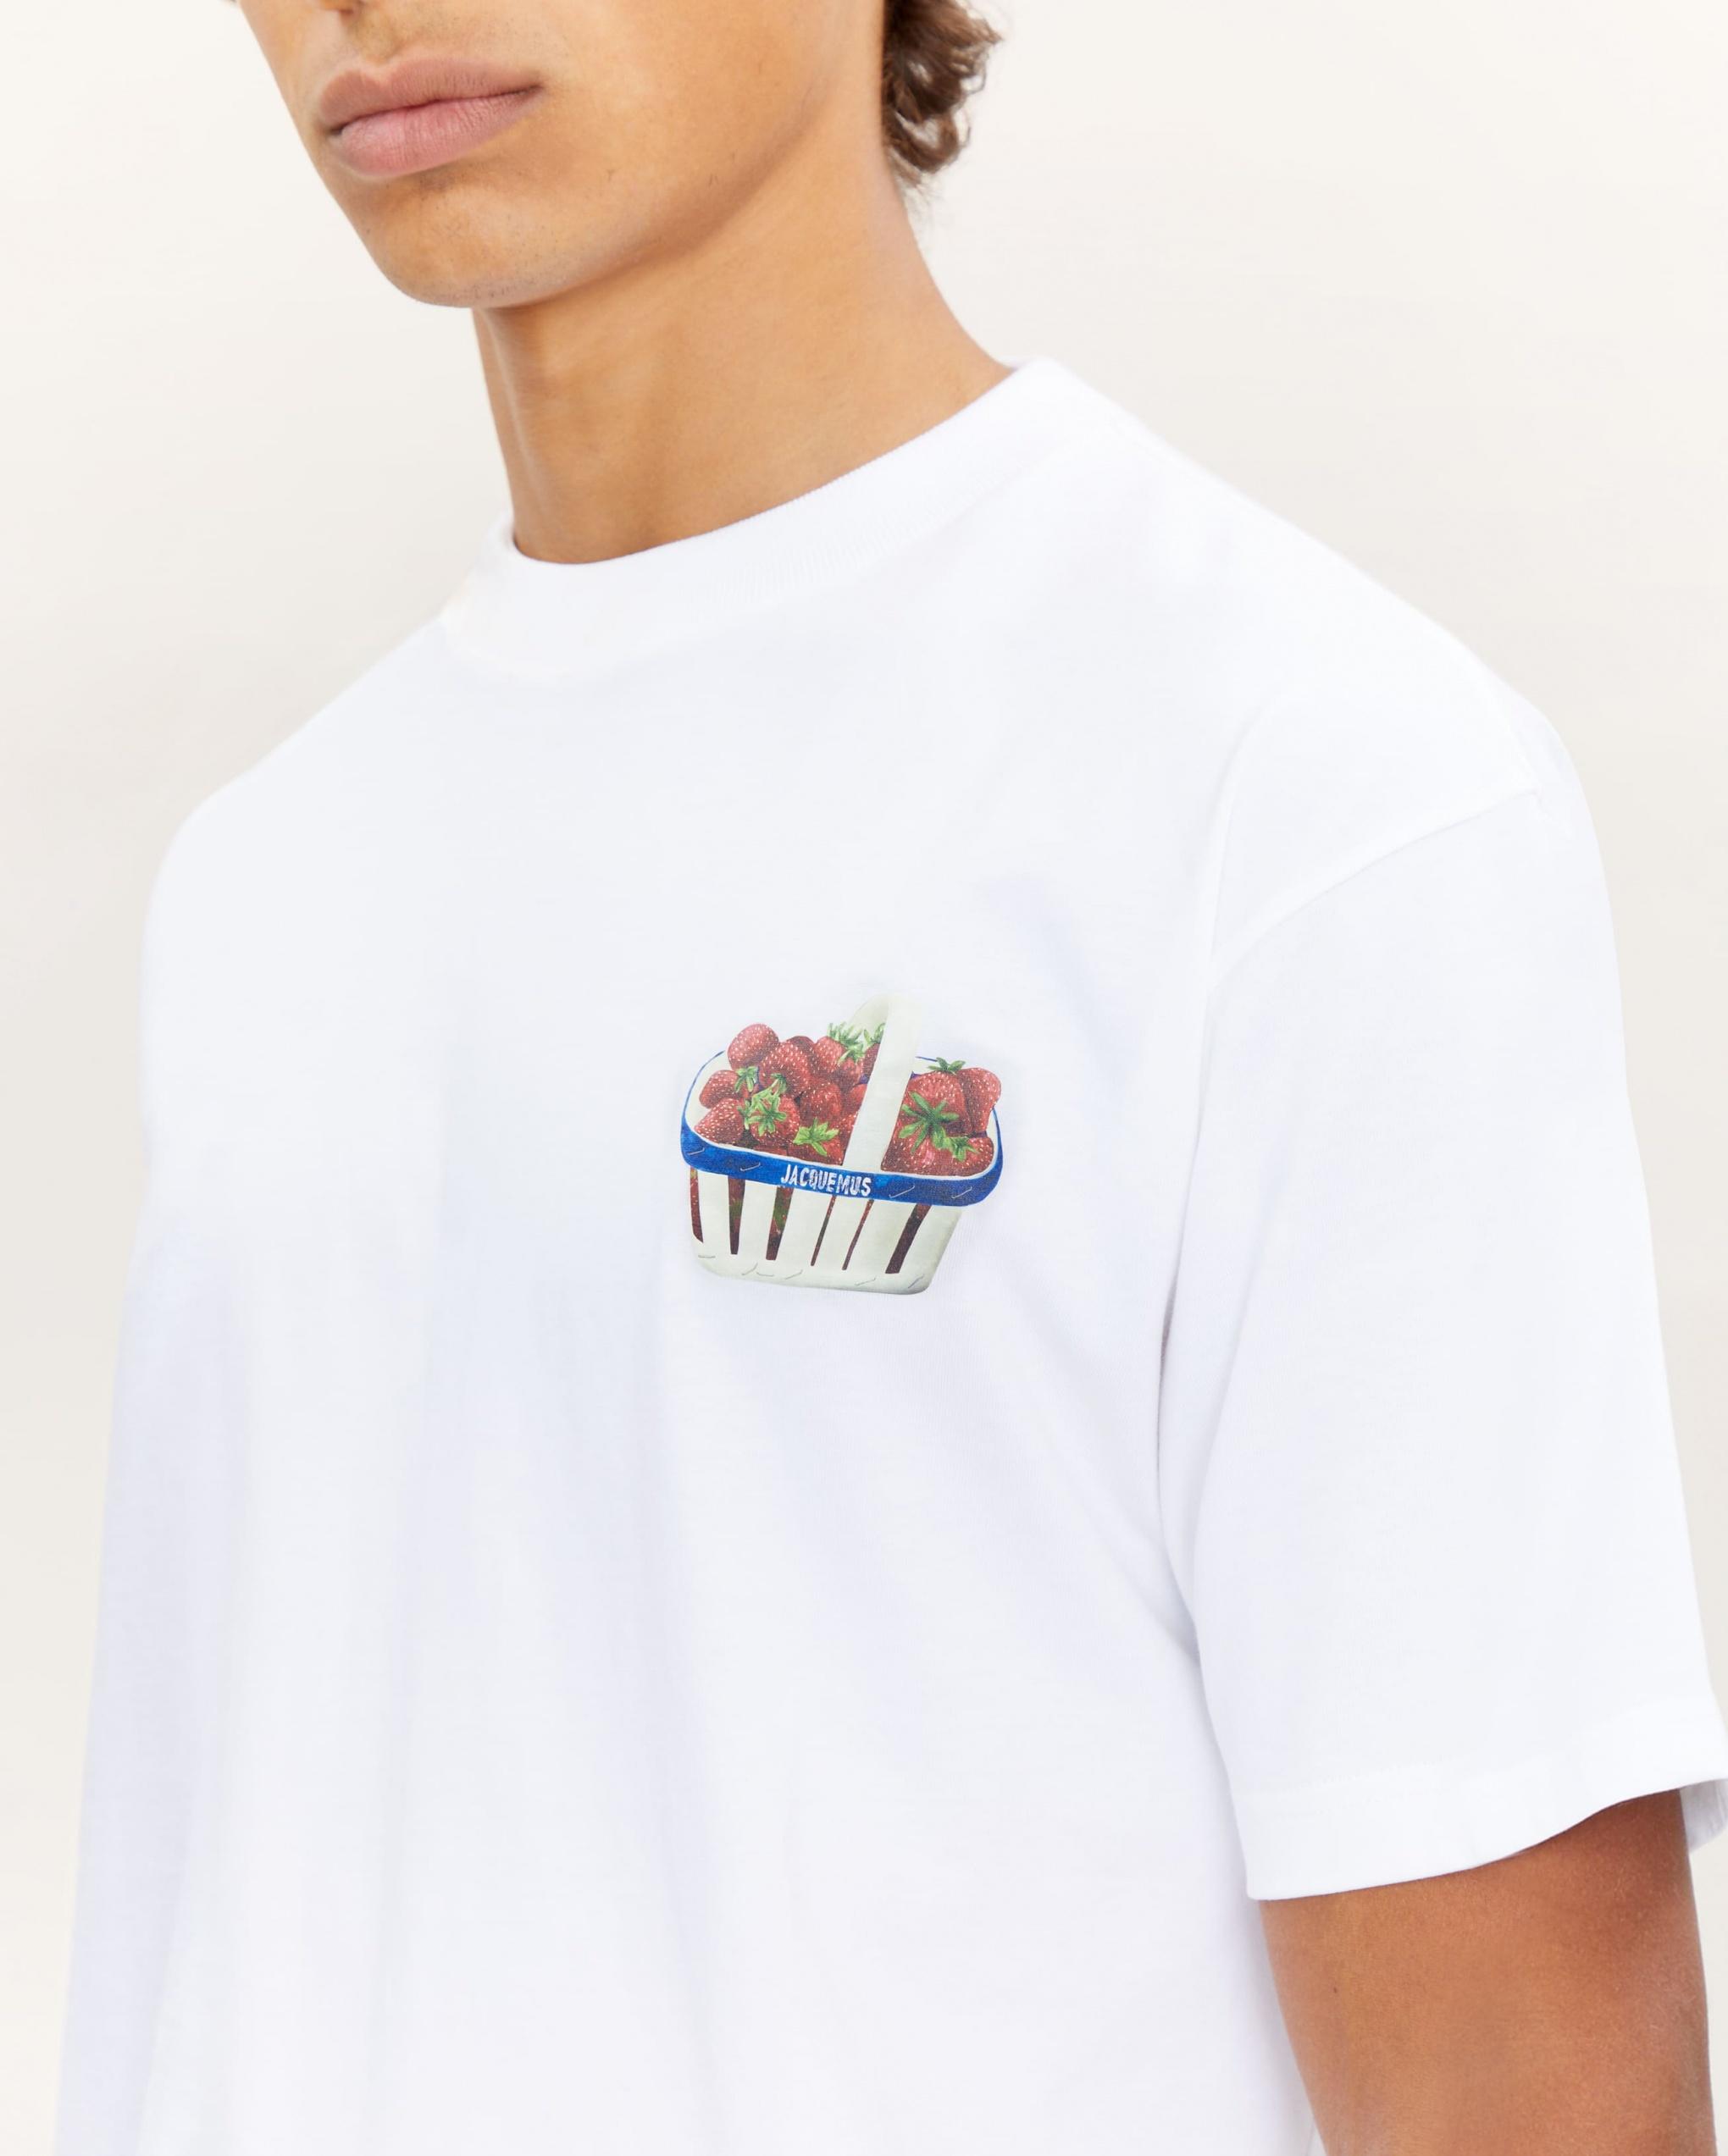 Le t-shirt Fraises